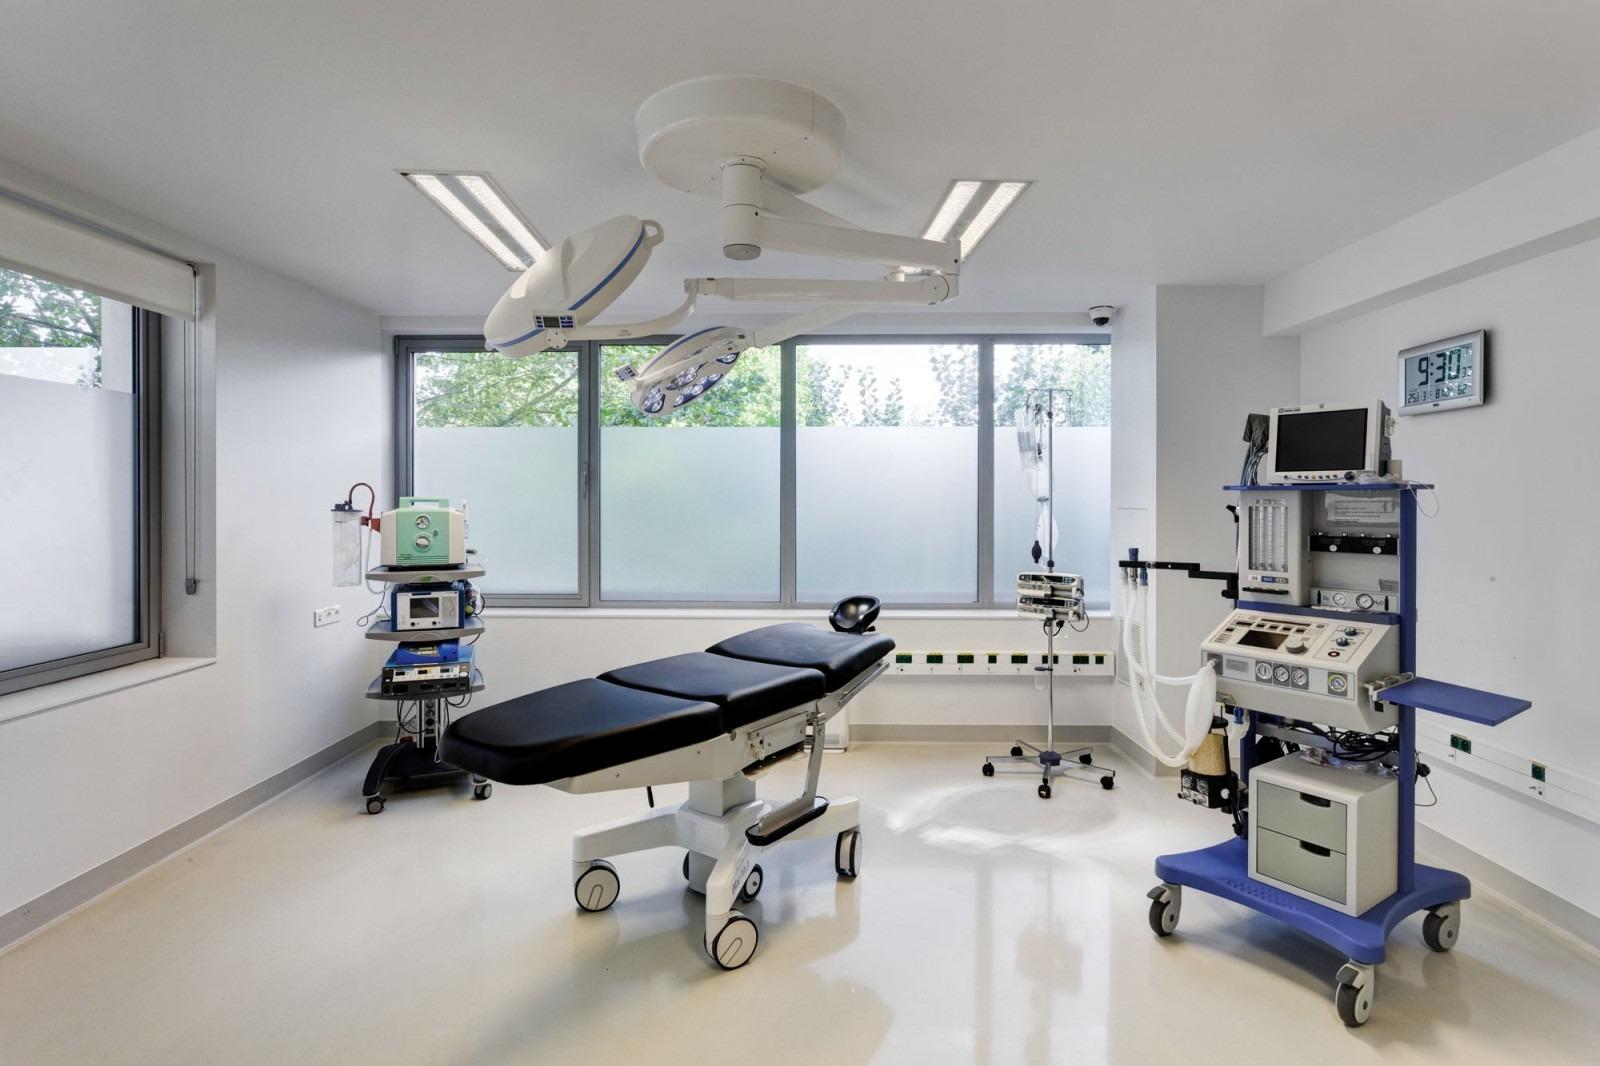 De operatiekamer van o2 Clinic.